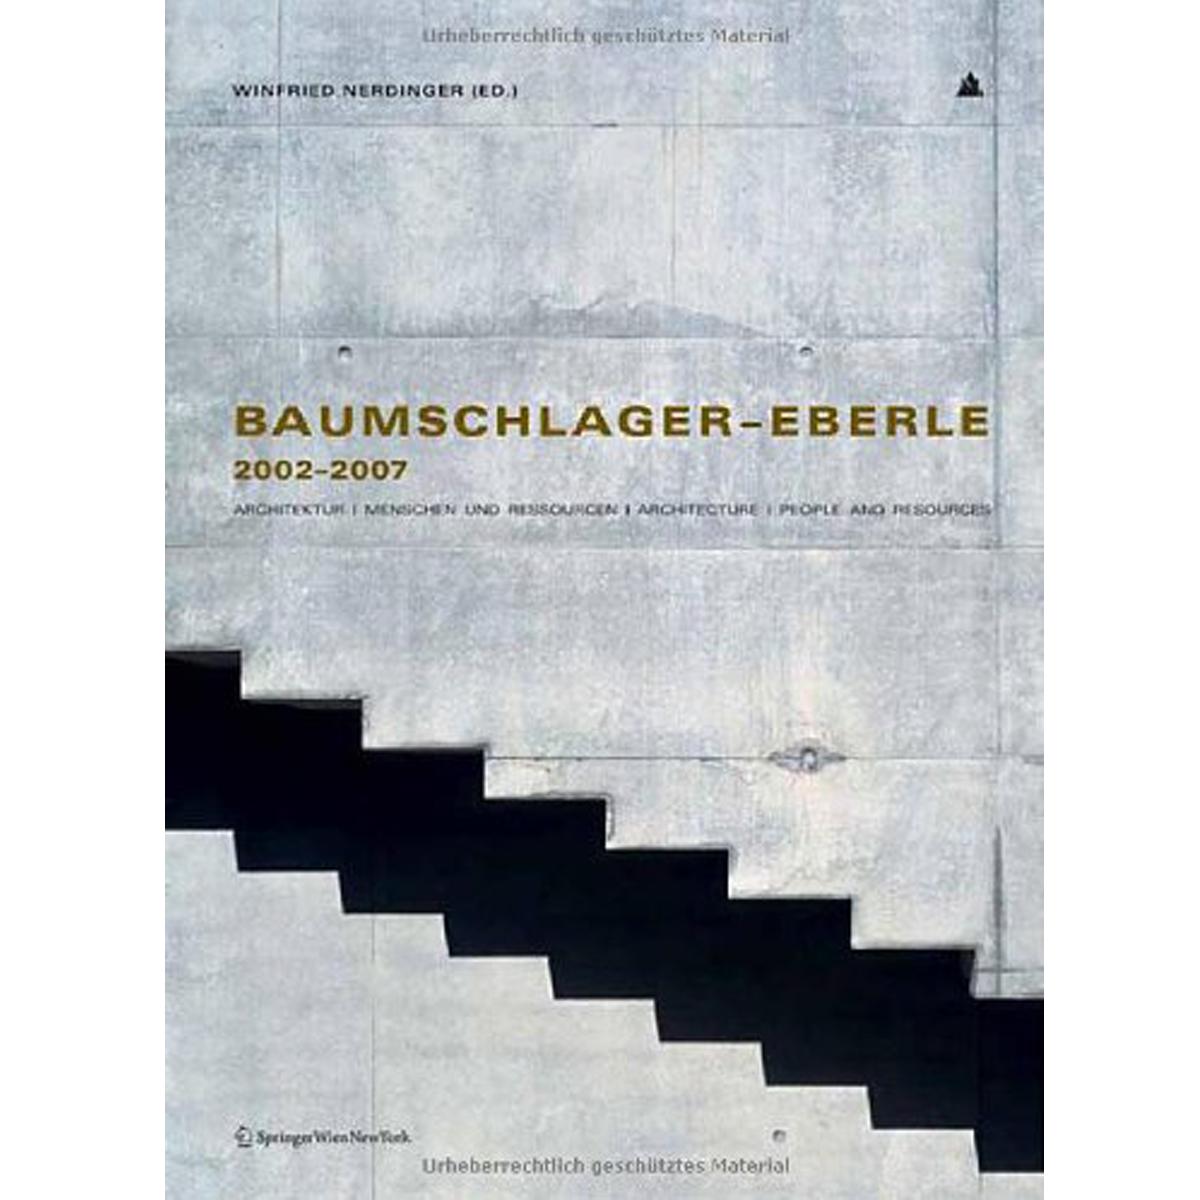 Baumschlager-Eberle: 2002-2007